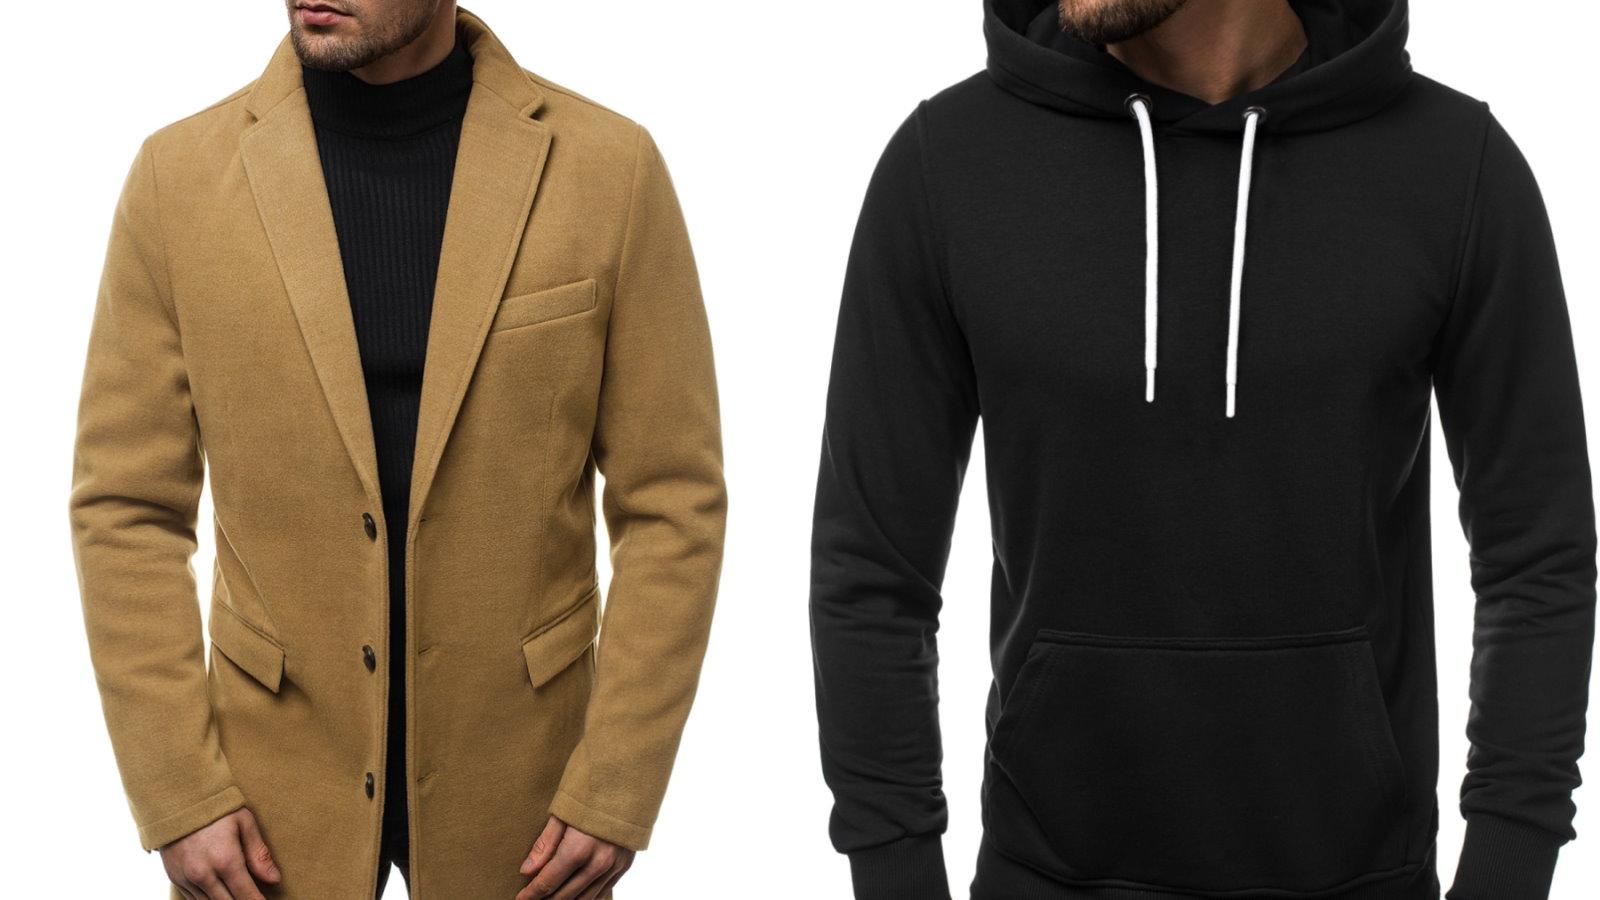 bluza z kapturem i płaszcz